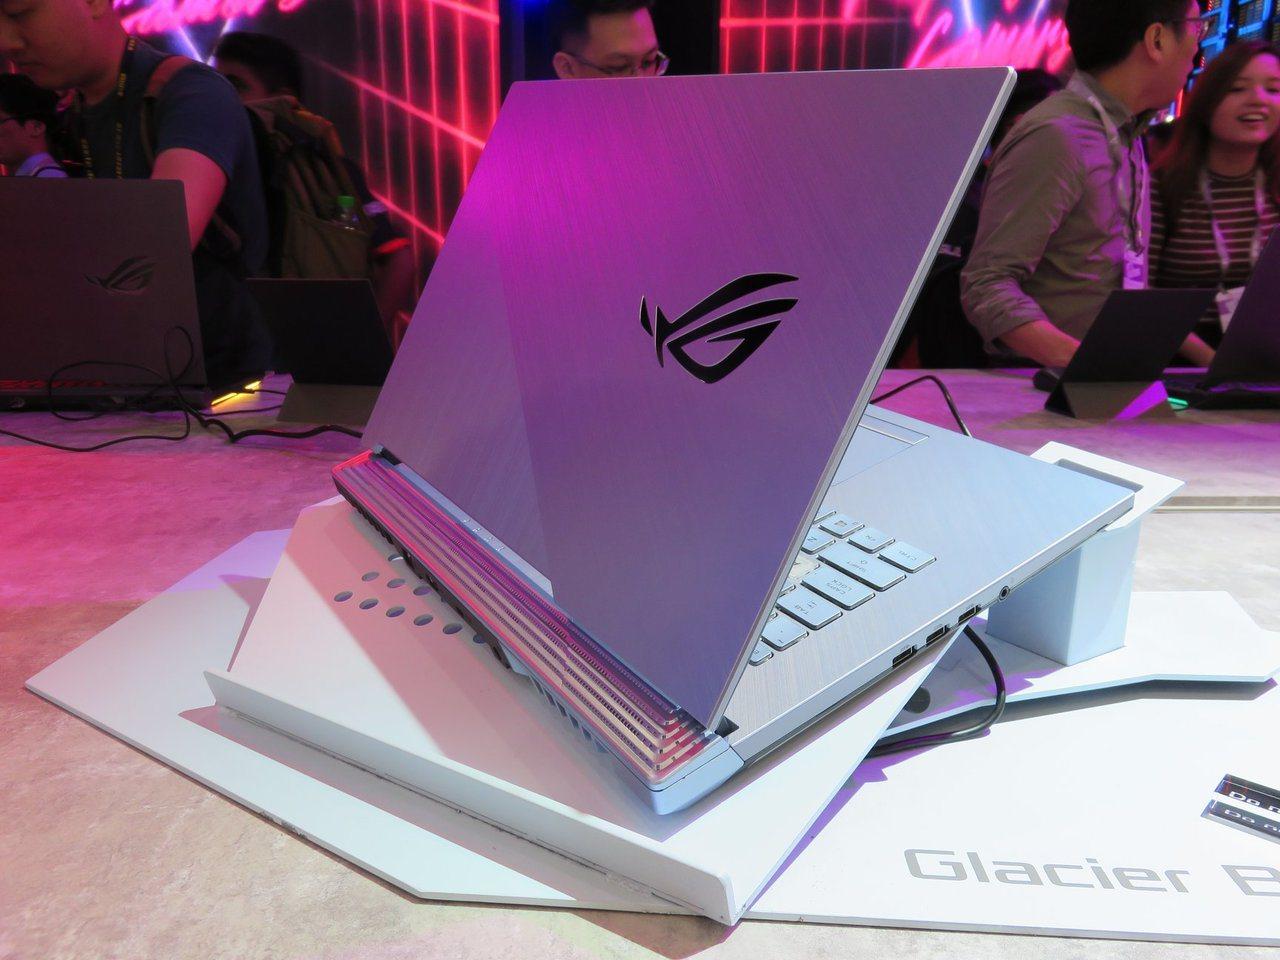 ROG Strix G電競筆電全新冰河藍配色,機身三側同樣配備可自訂控制的絢麗燈...